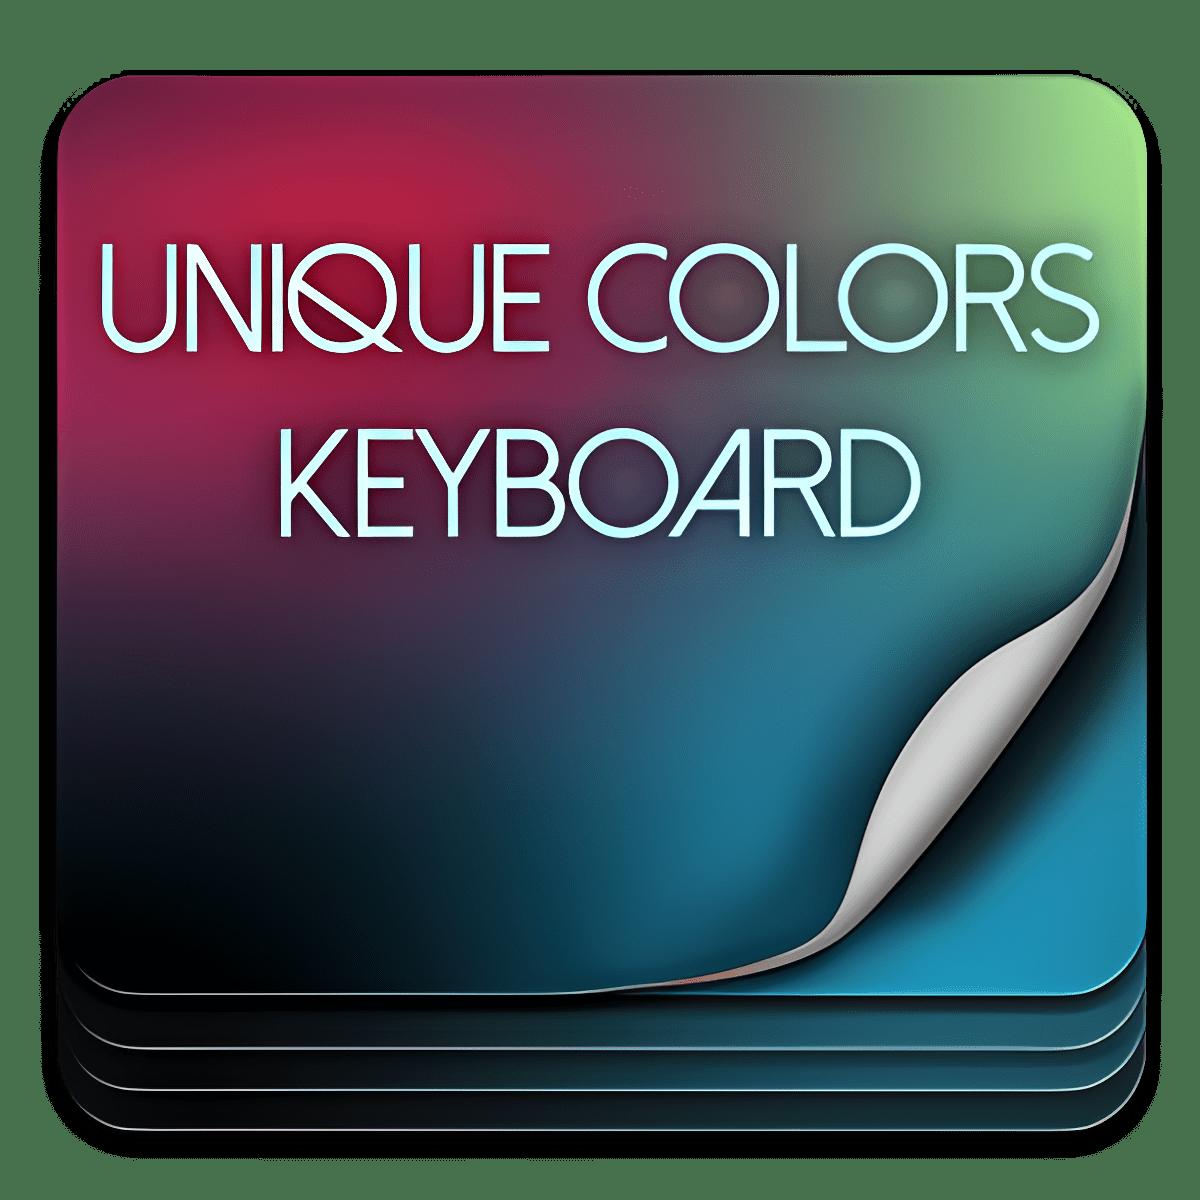 Colores únicos teclado